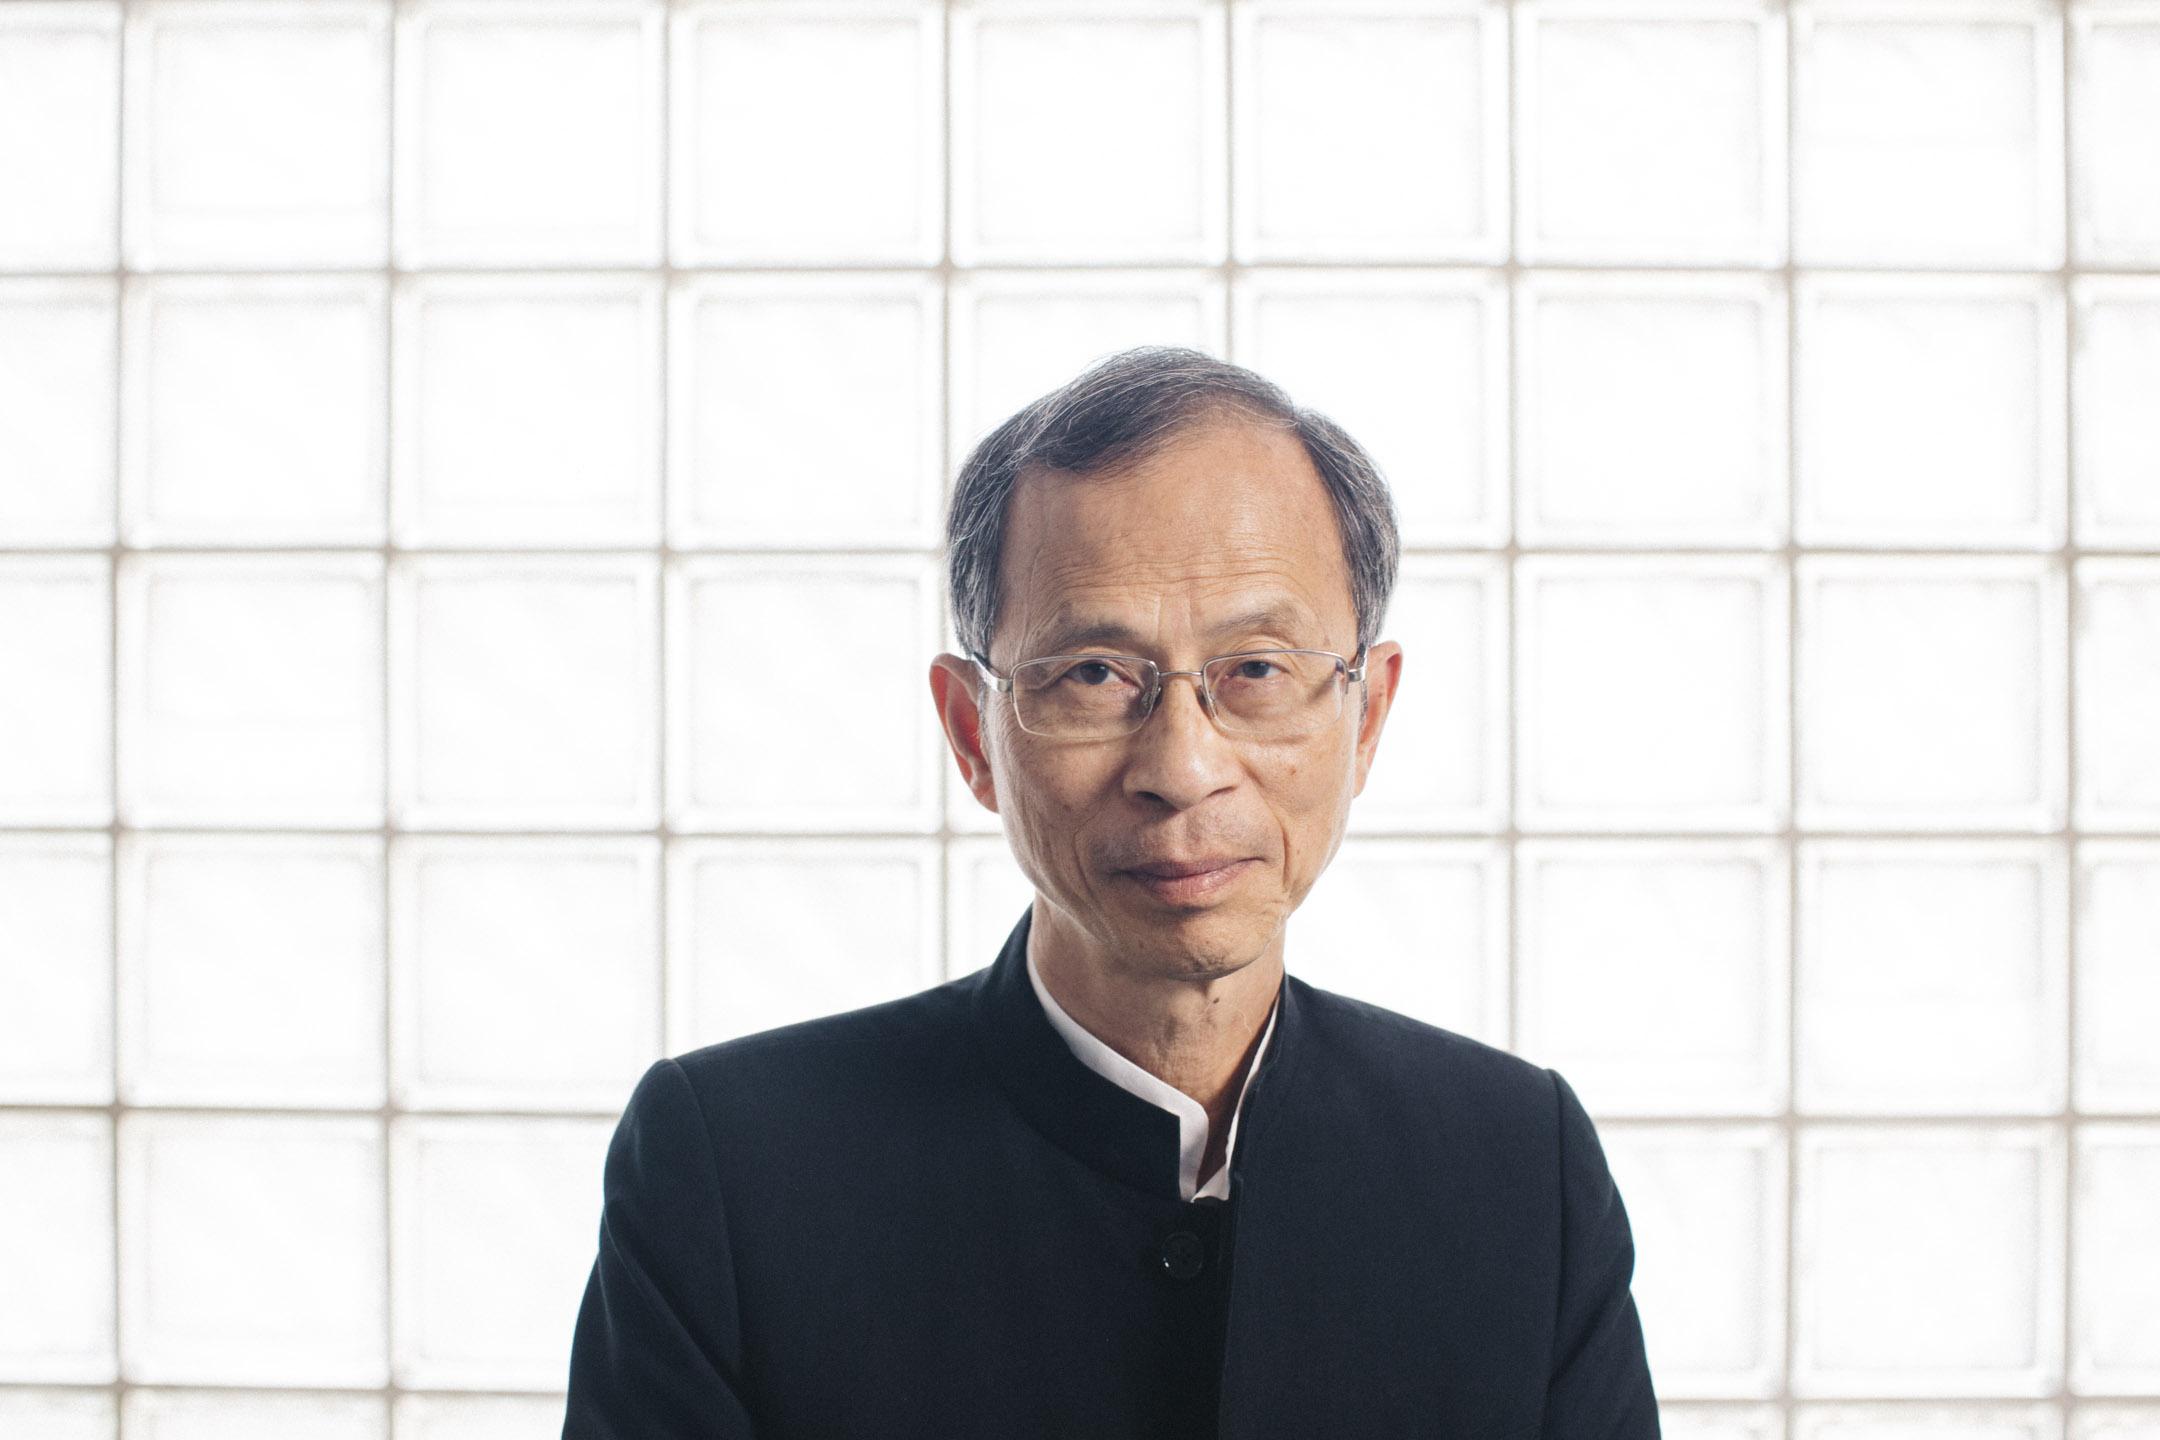 今年72歲的曾鈺成,作為傳統左派,曾創立香港建制第一大黨民建聯,回歸後曾任5屆立法會議員,也加入過行政會議,於2008-2016擔任兩屆立法會主席。 攝:林振東/端傳媒